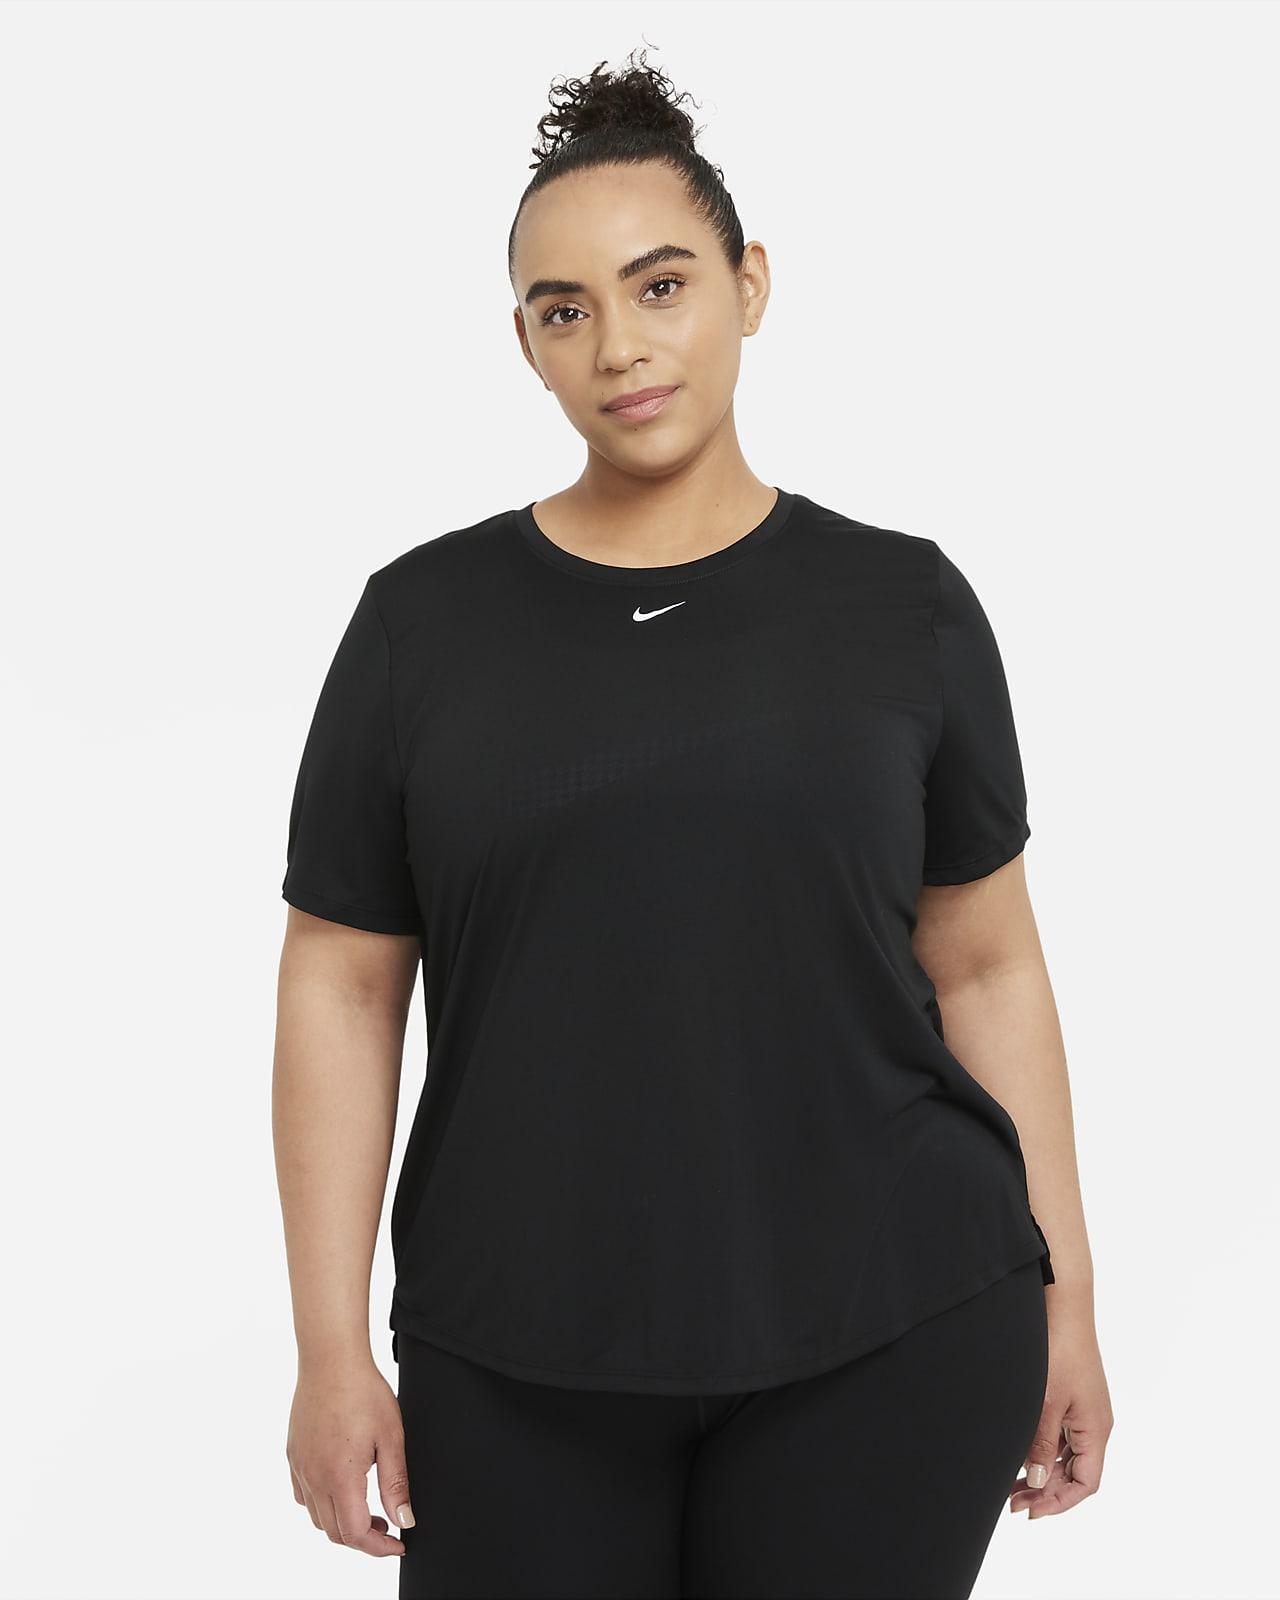 Top Standard Fit a manica corta Nike Dri-FIT One (Plus size) - Donna